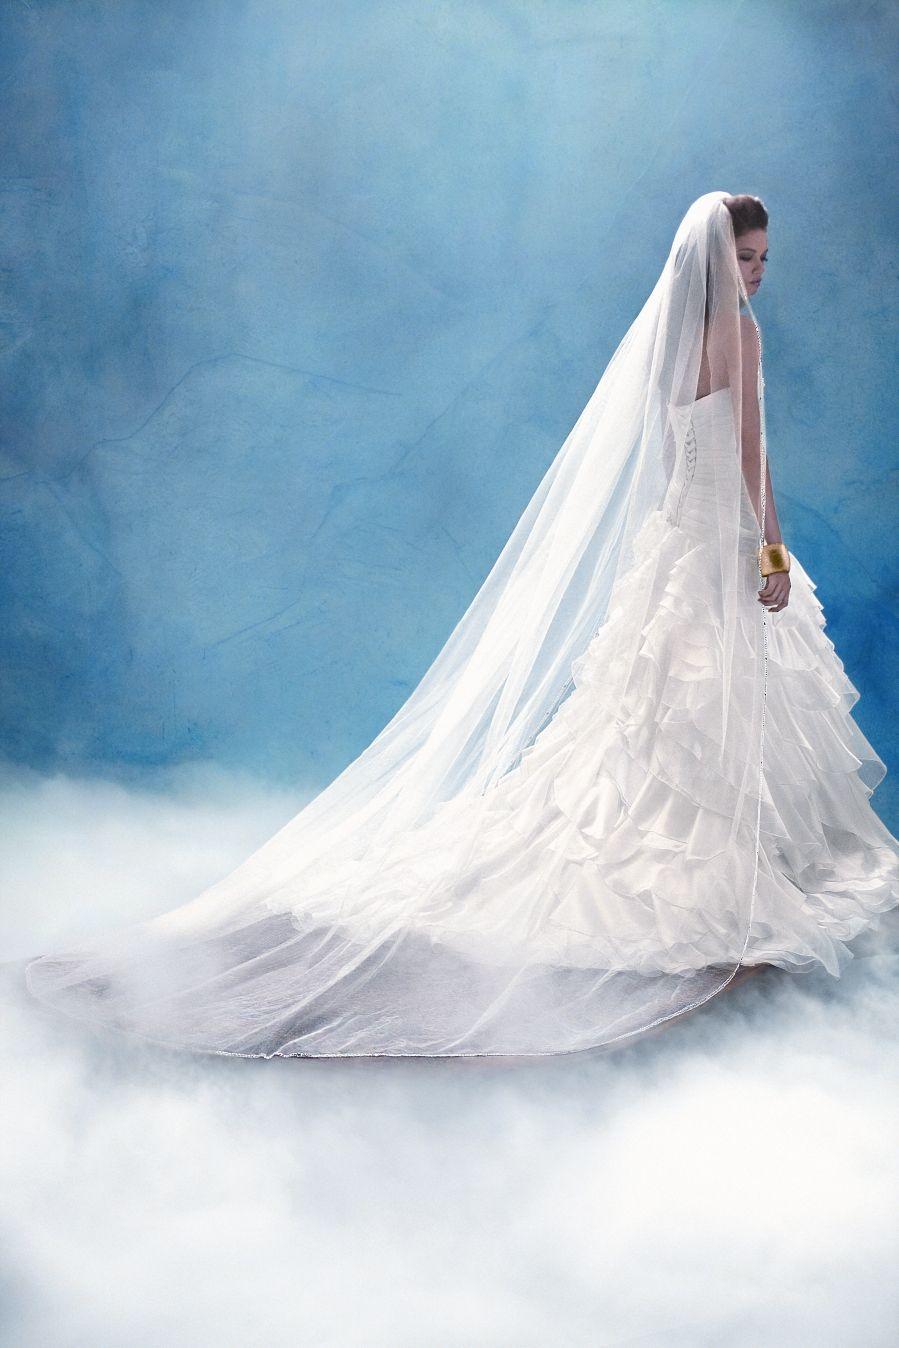 Disney Fairy Tale Weddings By Alfred Angelo Jasmine S Veil Style 101 Alfredangelo Disney Princess Wedding Disney Inspired Wedding Disney Fairy Tale Weddings [ 1348 x 899 Pixel ]